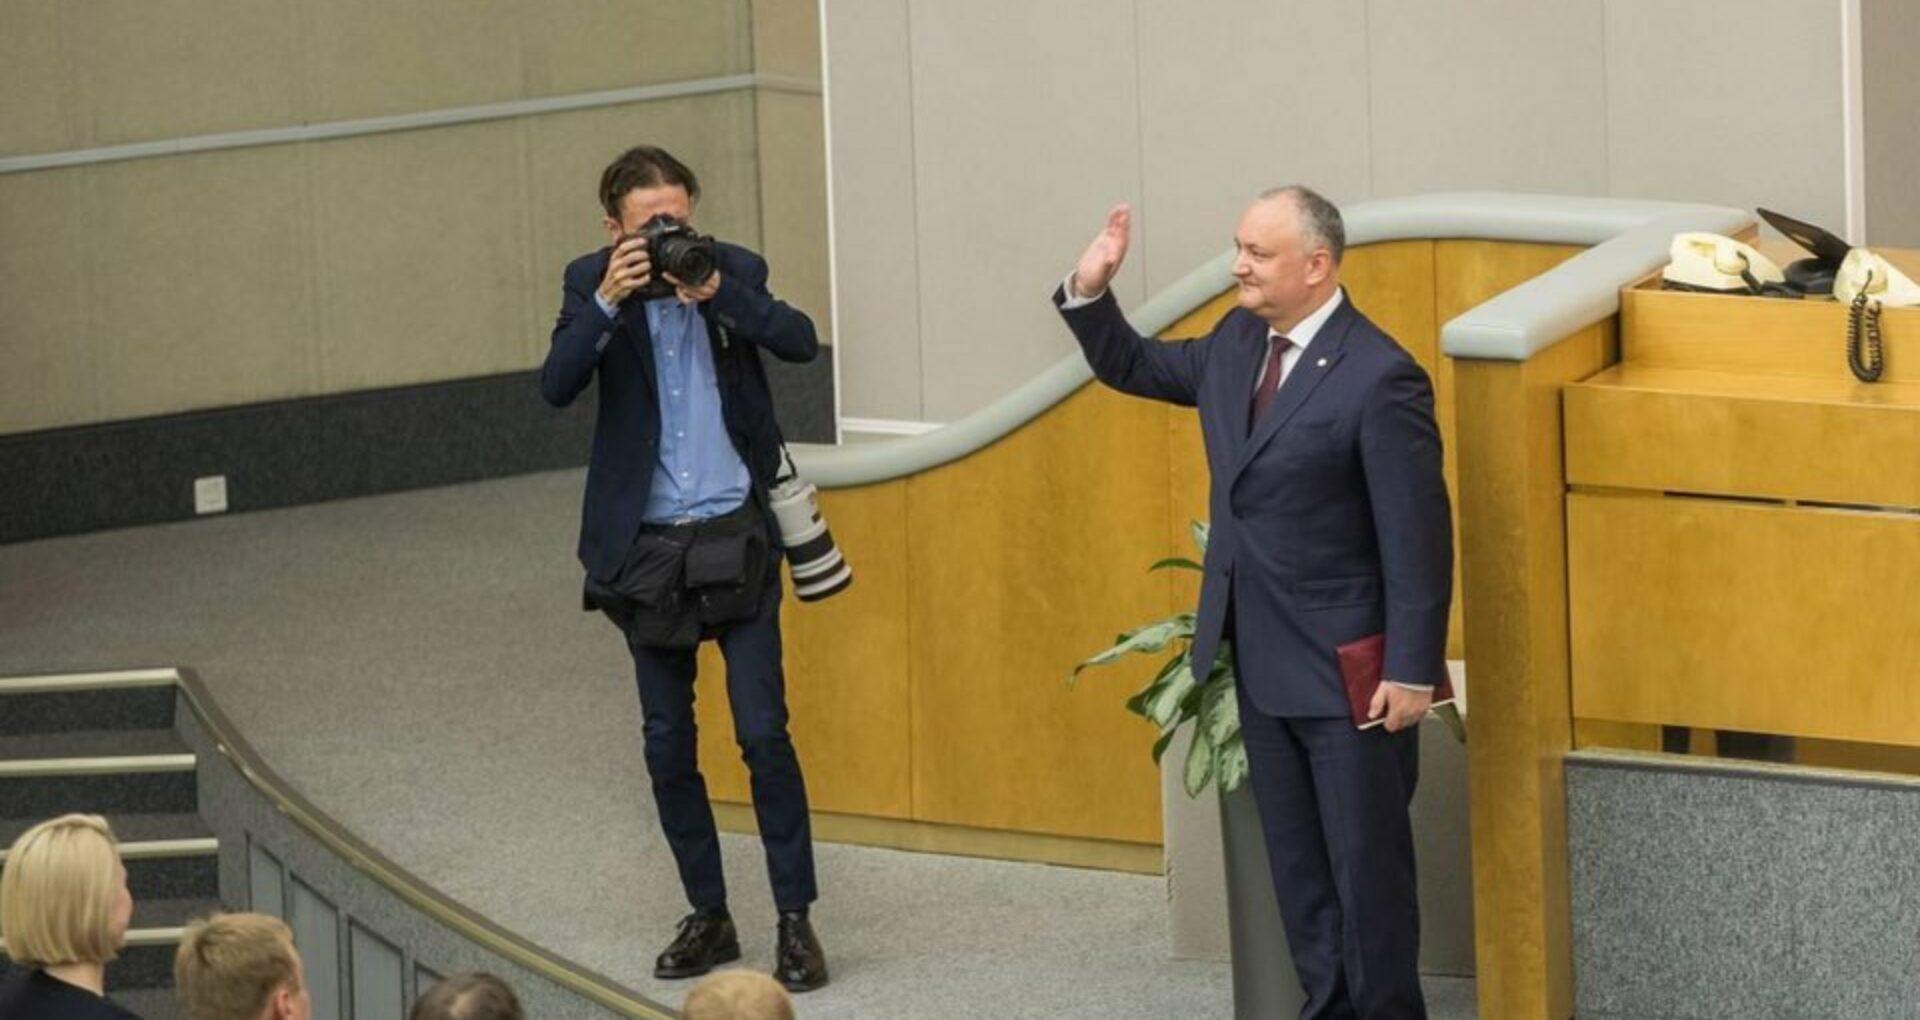 VIDEO/ Igor Dodon  în plenul Dumei de Stat: Pacea de pe Nistru a fost restaurată datorită operațiunii de menținere a păcii